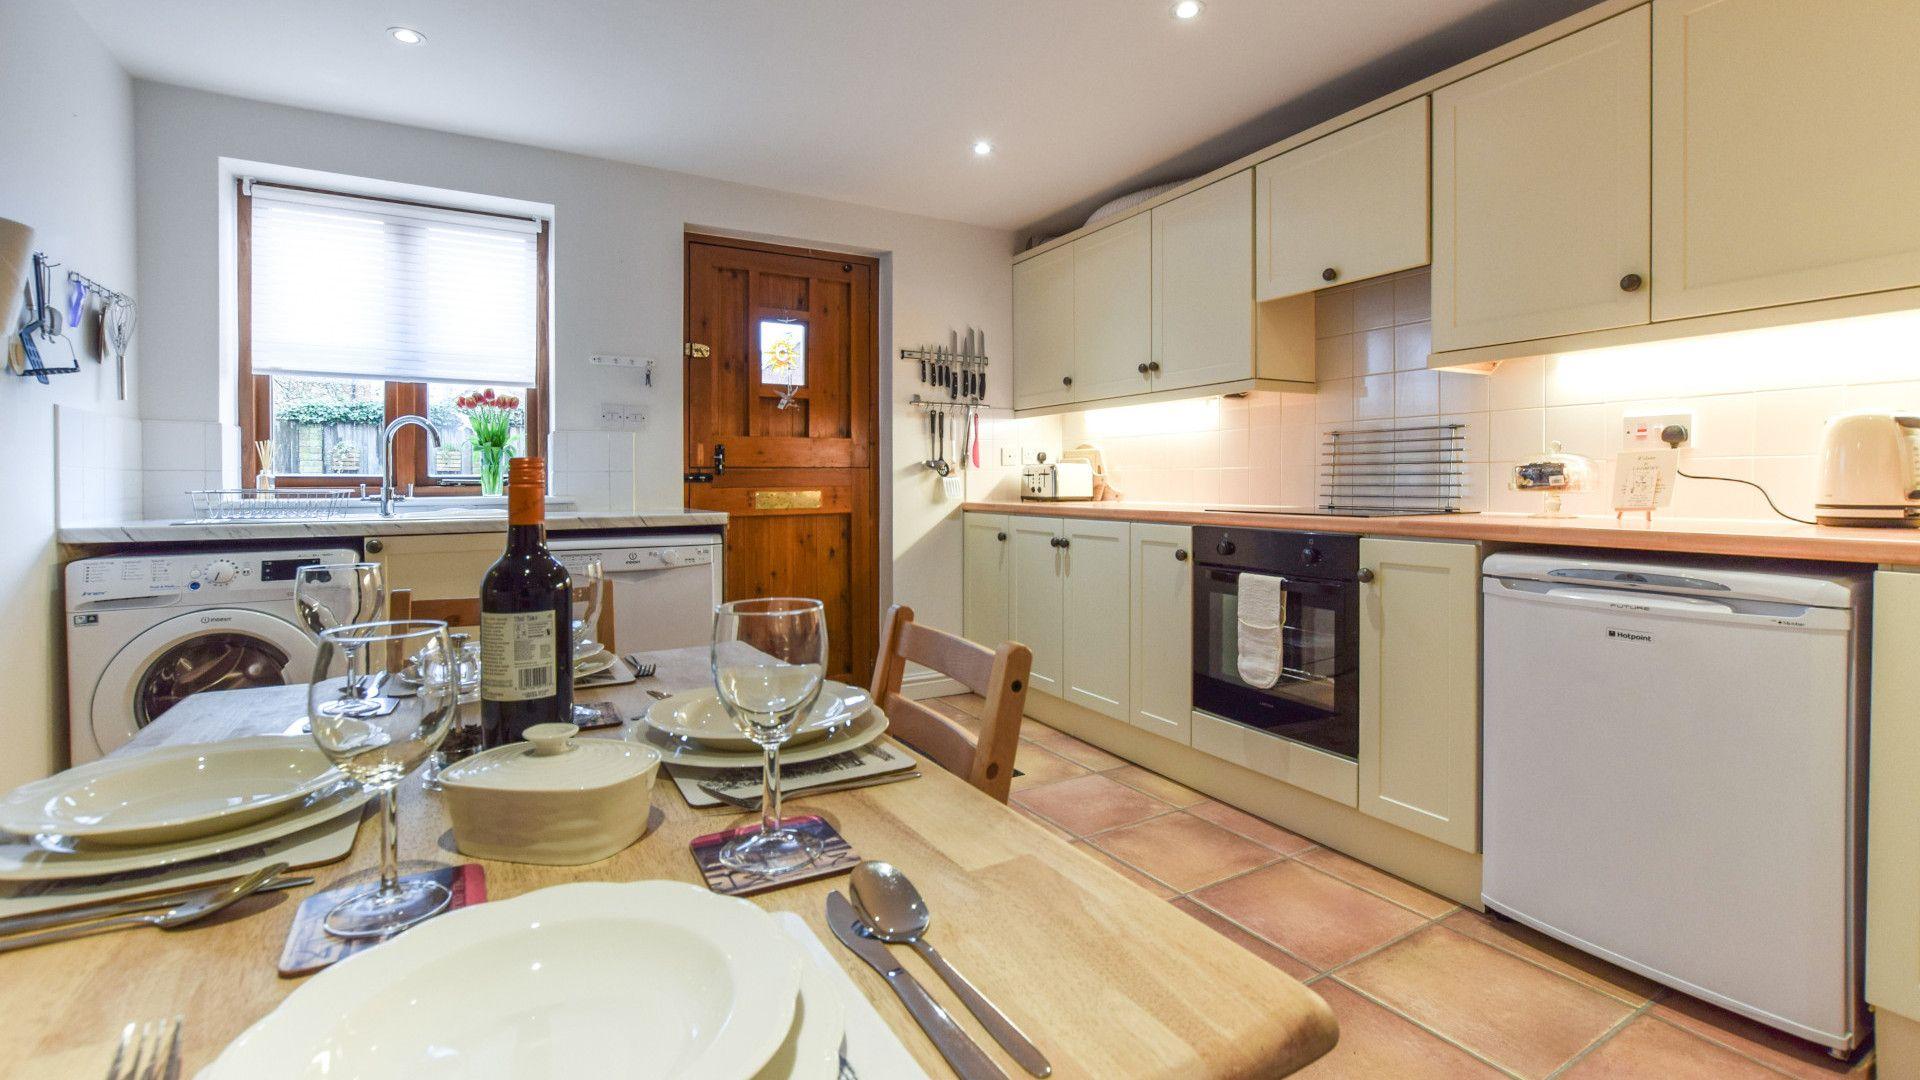 Kitchen, The Barn, Bolthole Retreats